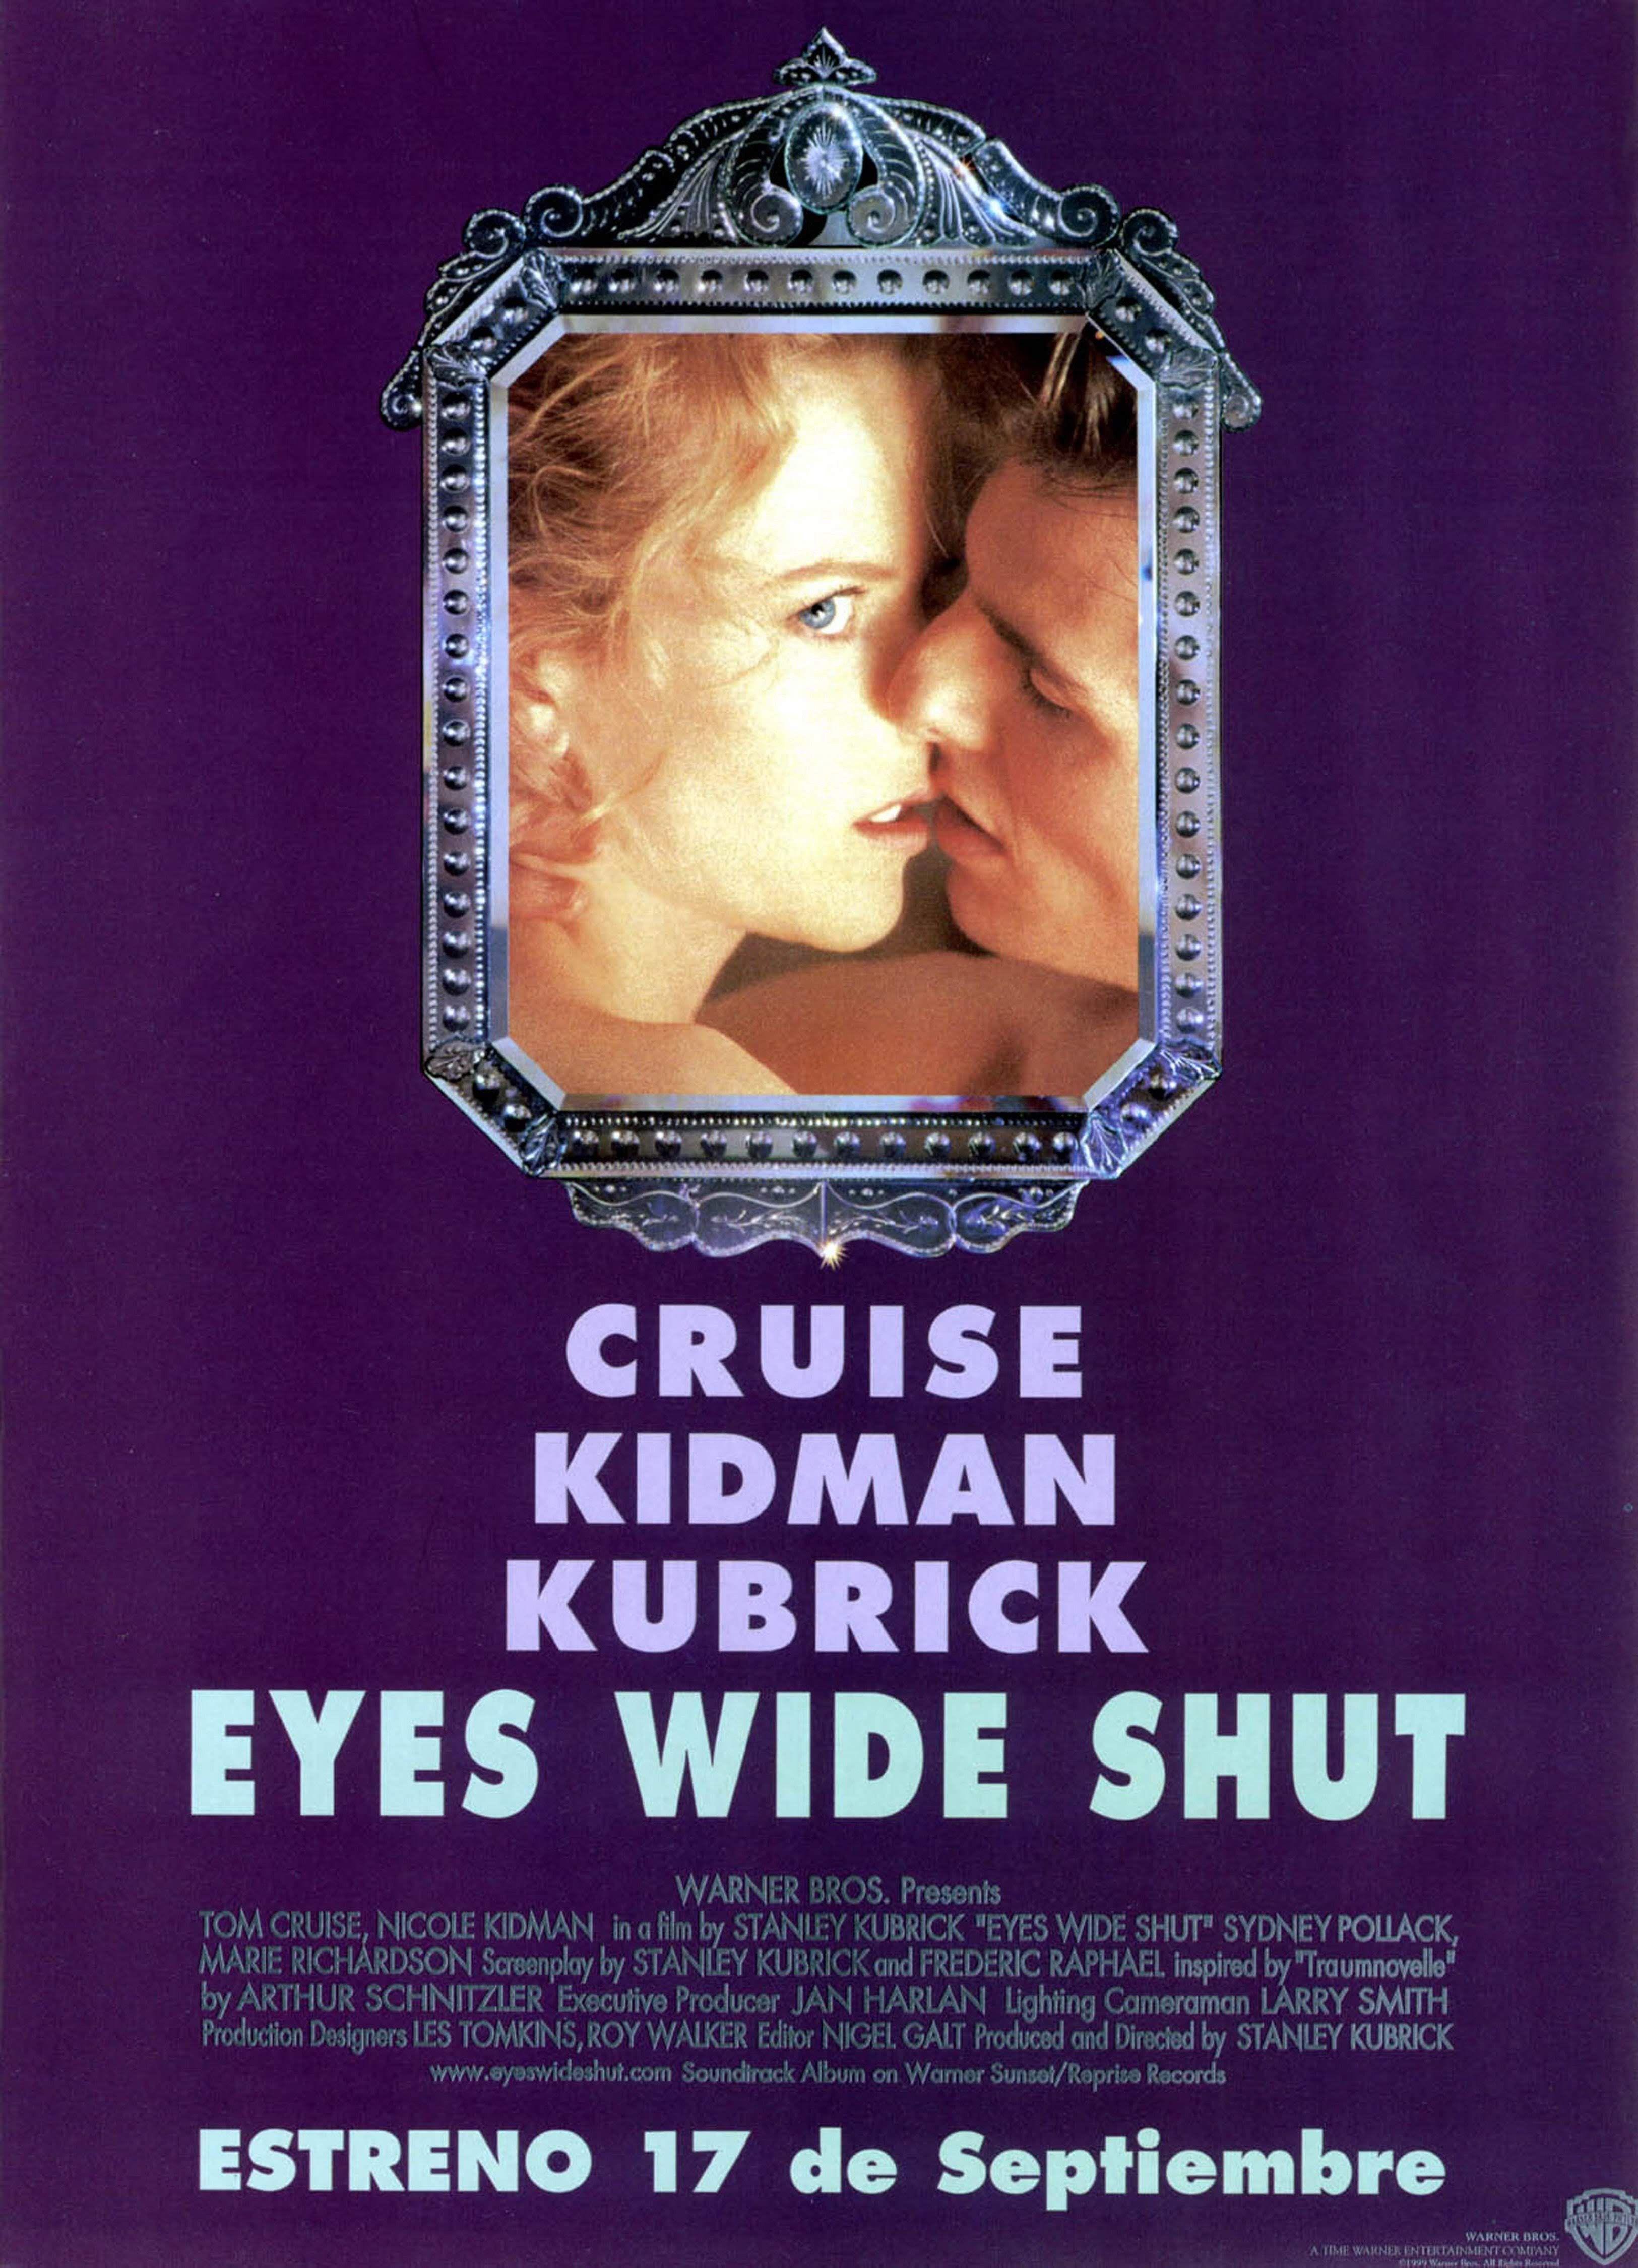 Eyes Wide Shut Peliculas Gratis Ver Peliculas Gratis Cine Y Literatura